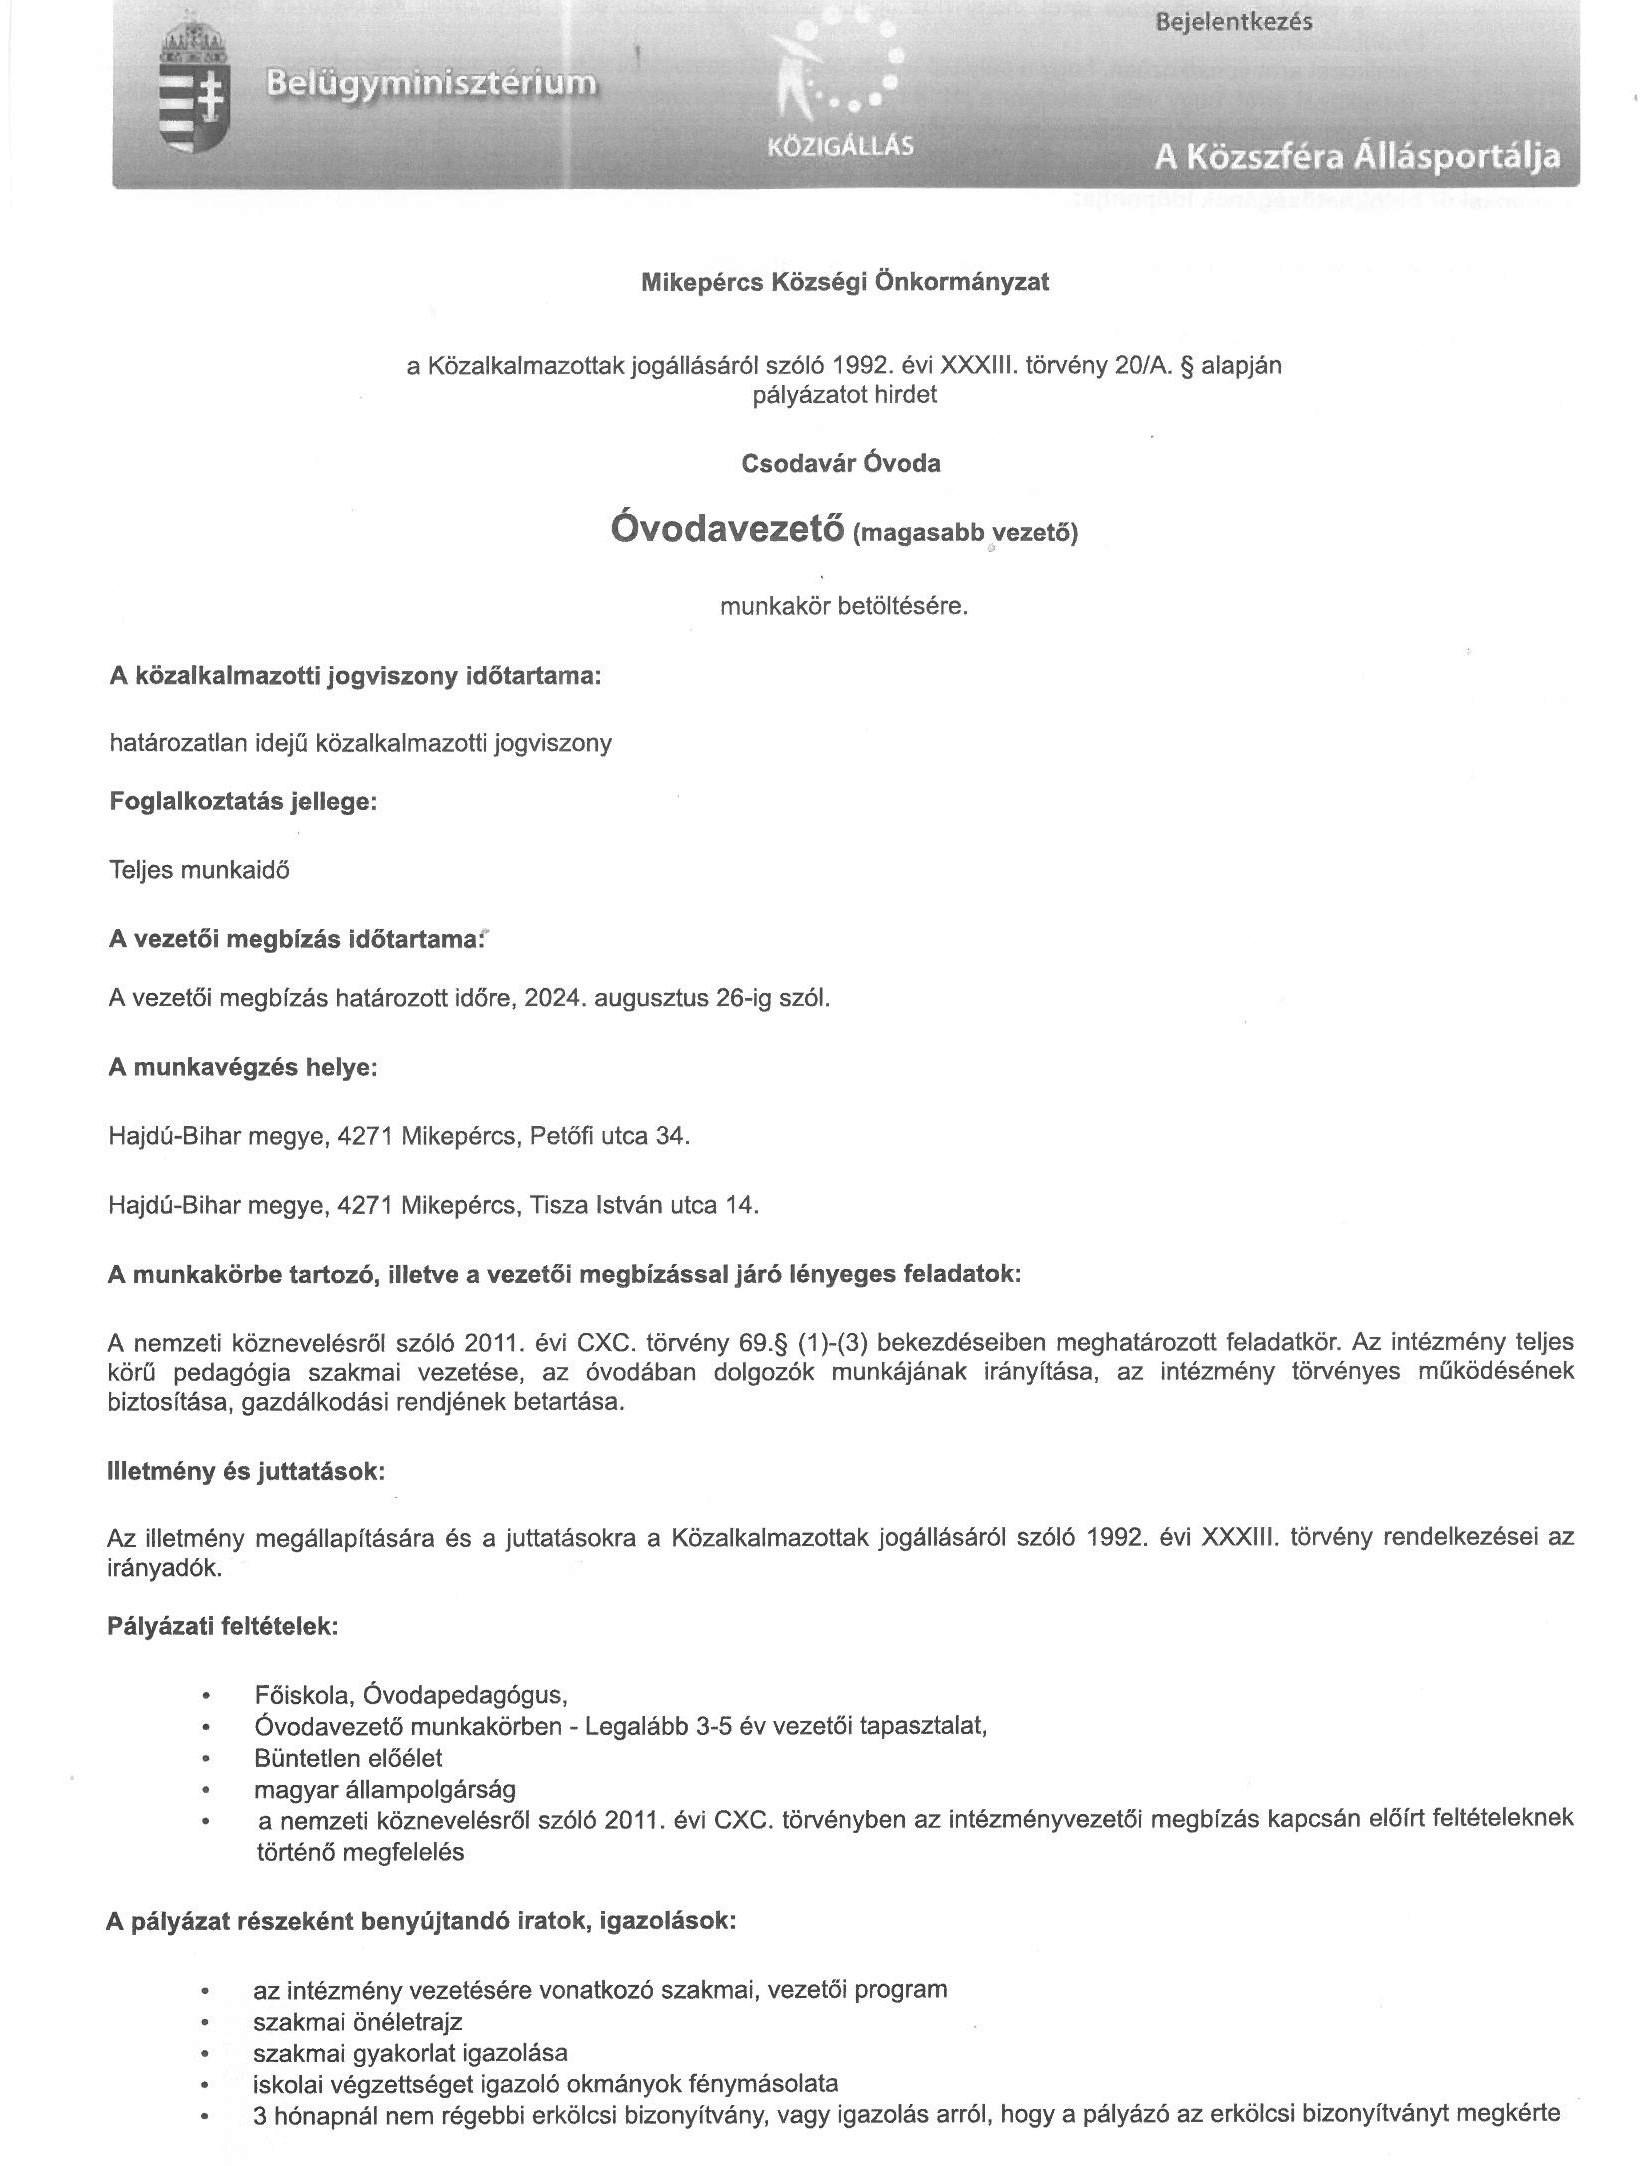 Pályázat munkakör betöltésére - Csodavár Óvoda, óvodavezető